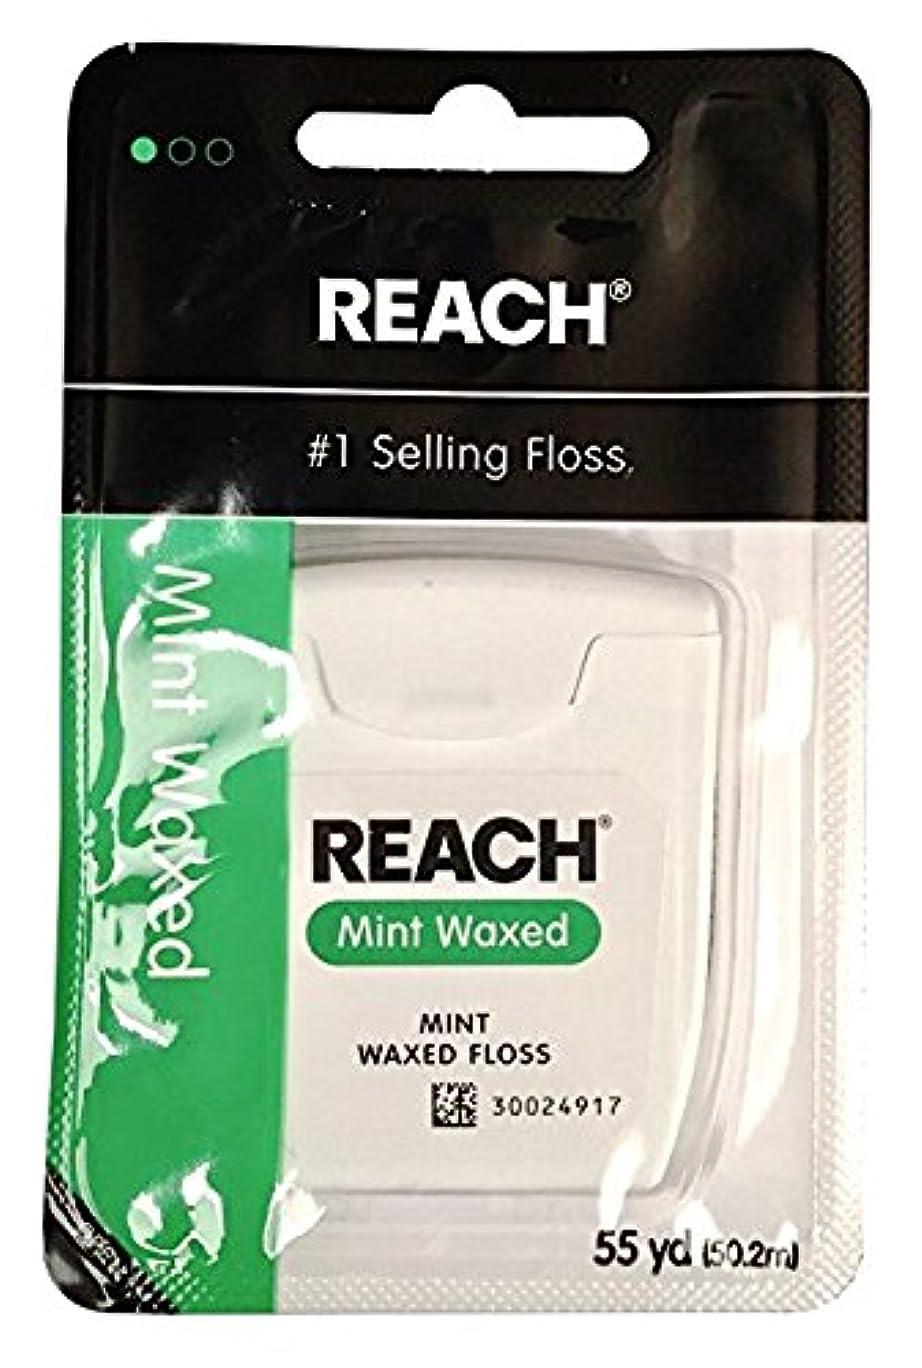 似ているラップトップ予測子REACH Mint Waxed Floss 55 yds 6 pack (50.2 m) [並行輸入品]